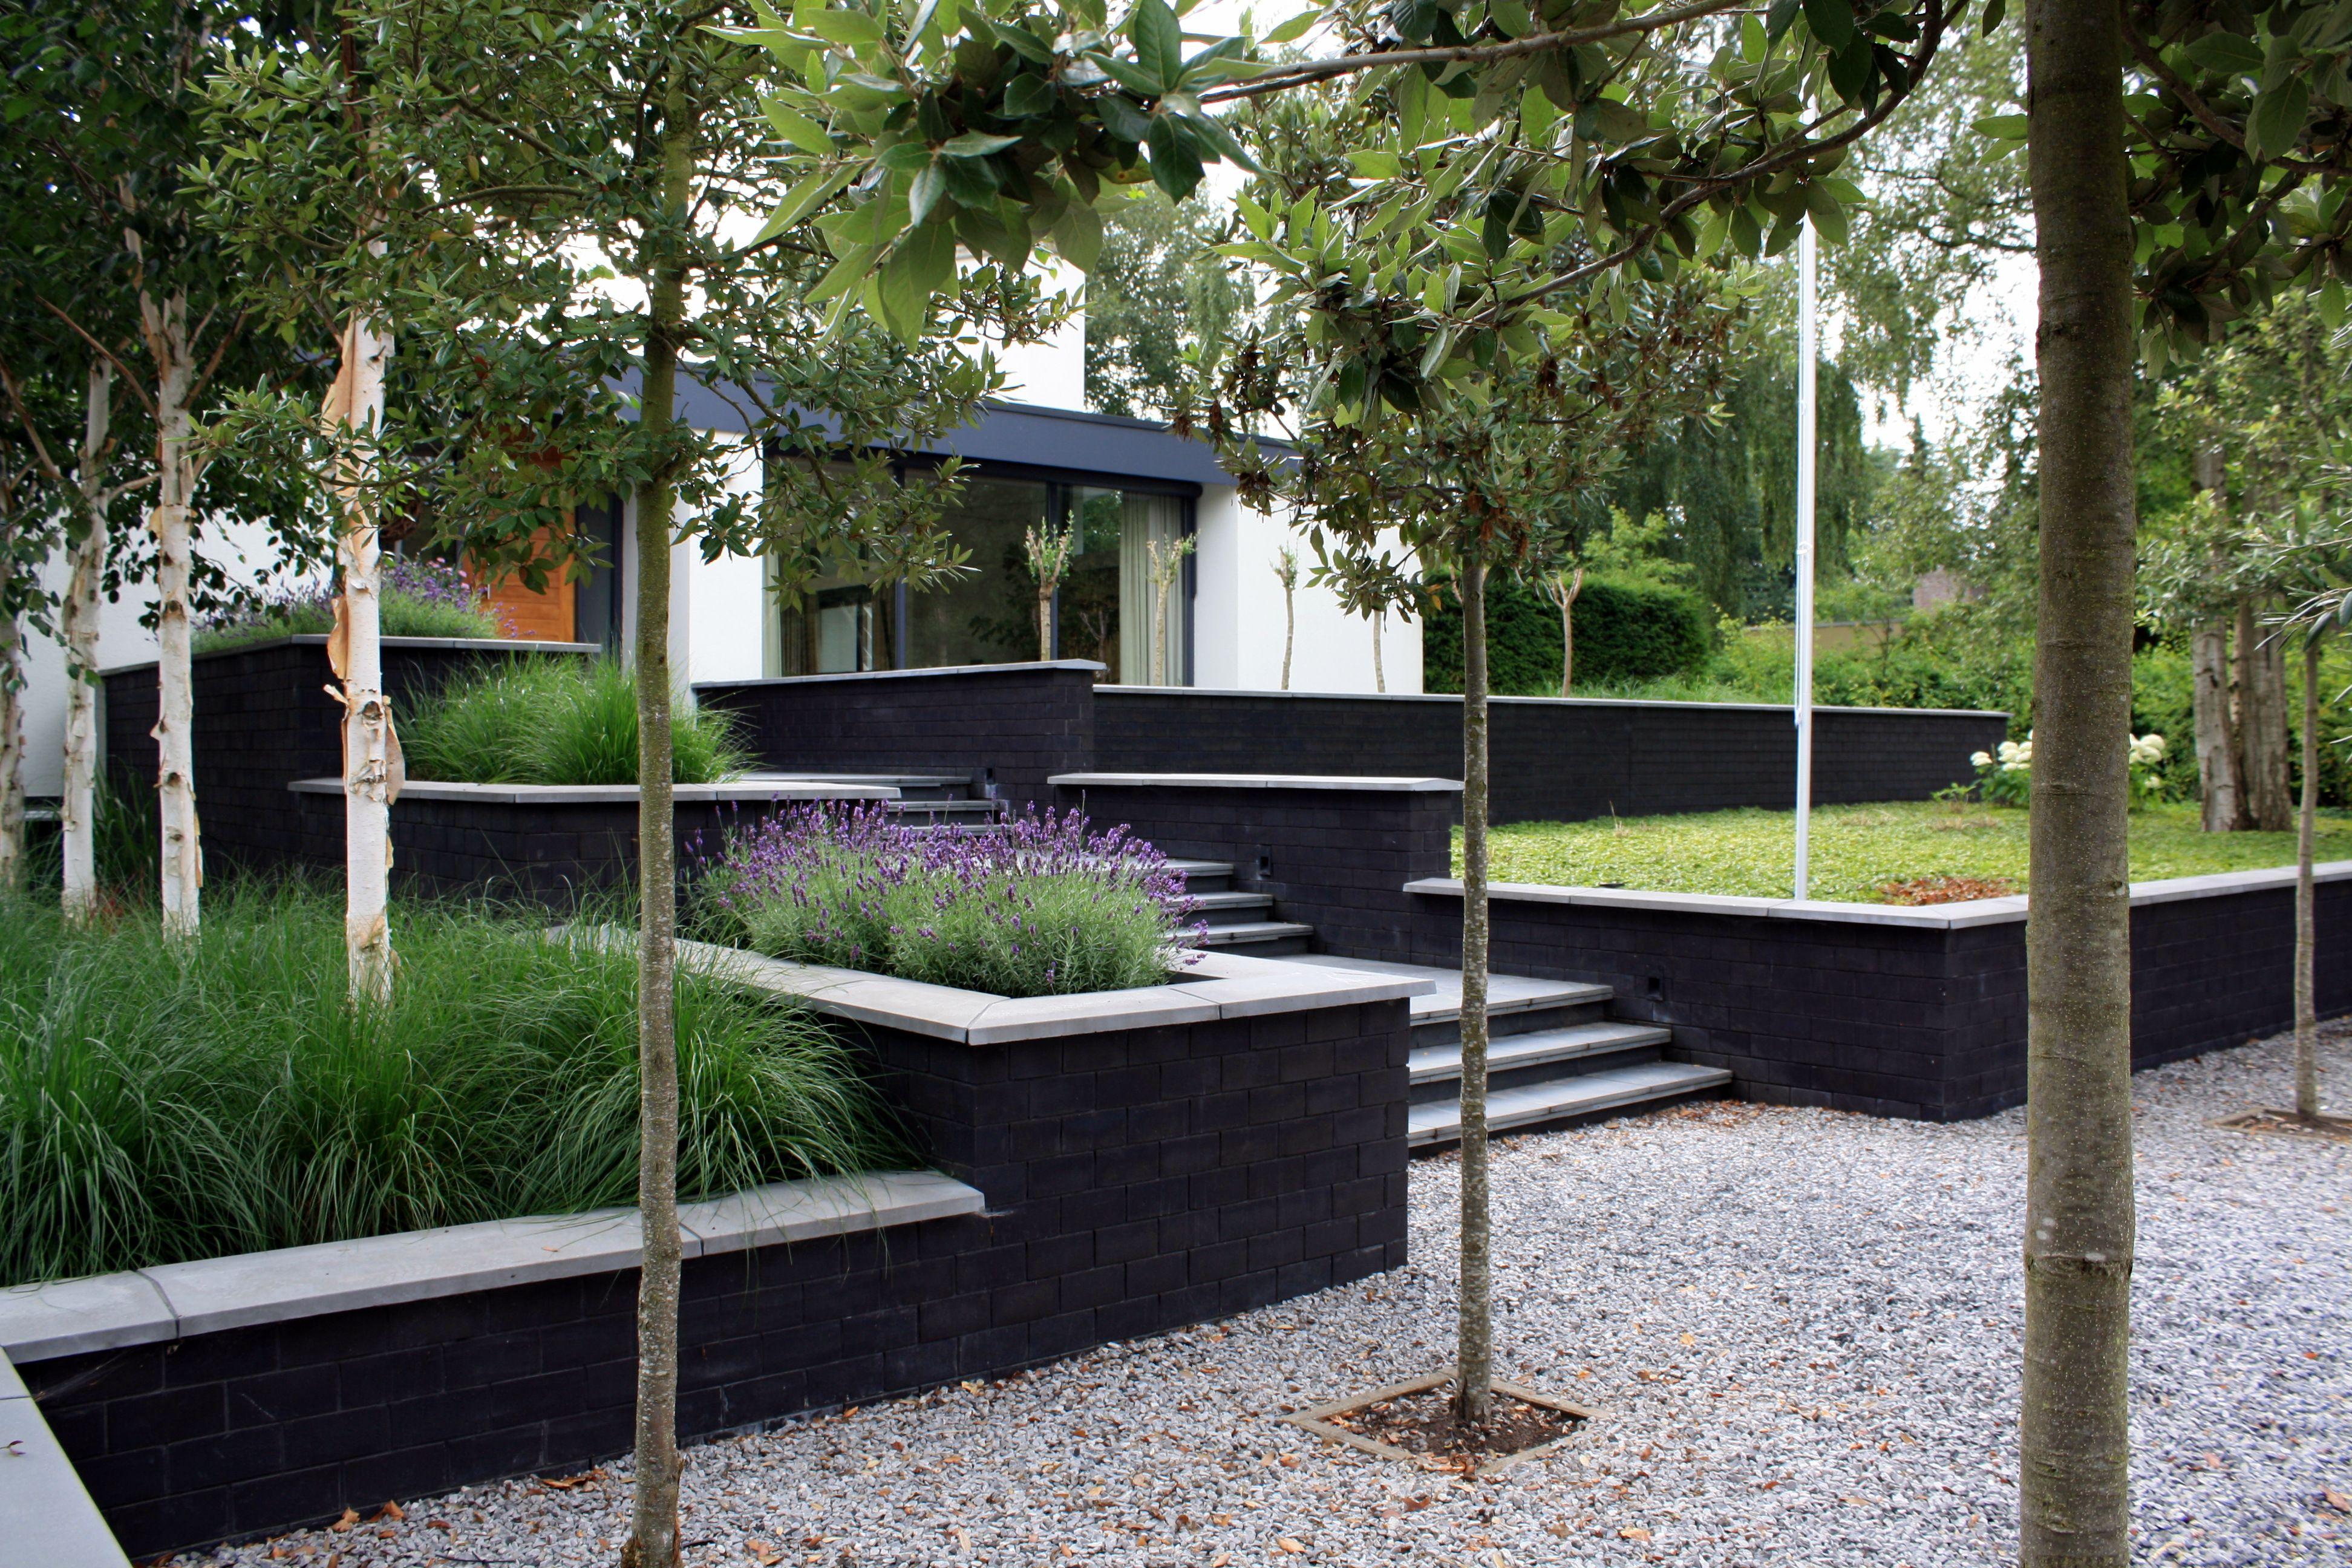 moderne tuin met strakke lijnen en hoogteverschillen tuin ideeen pinterest gardens garden